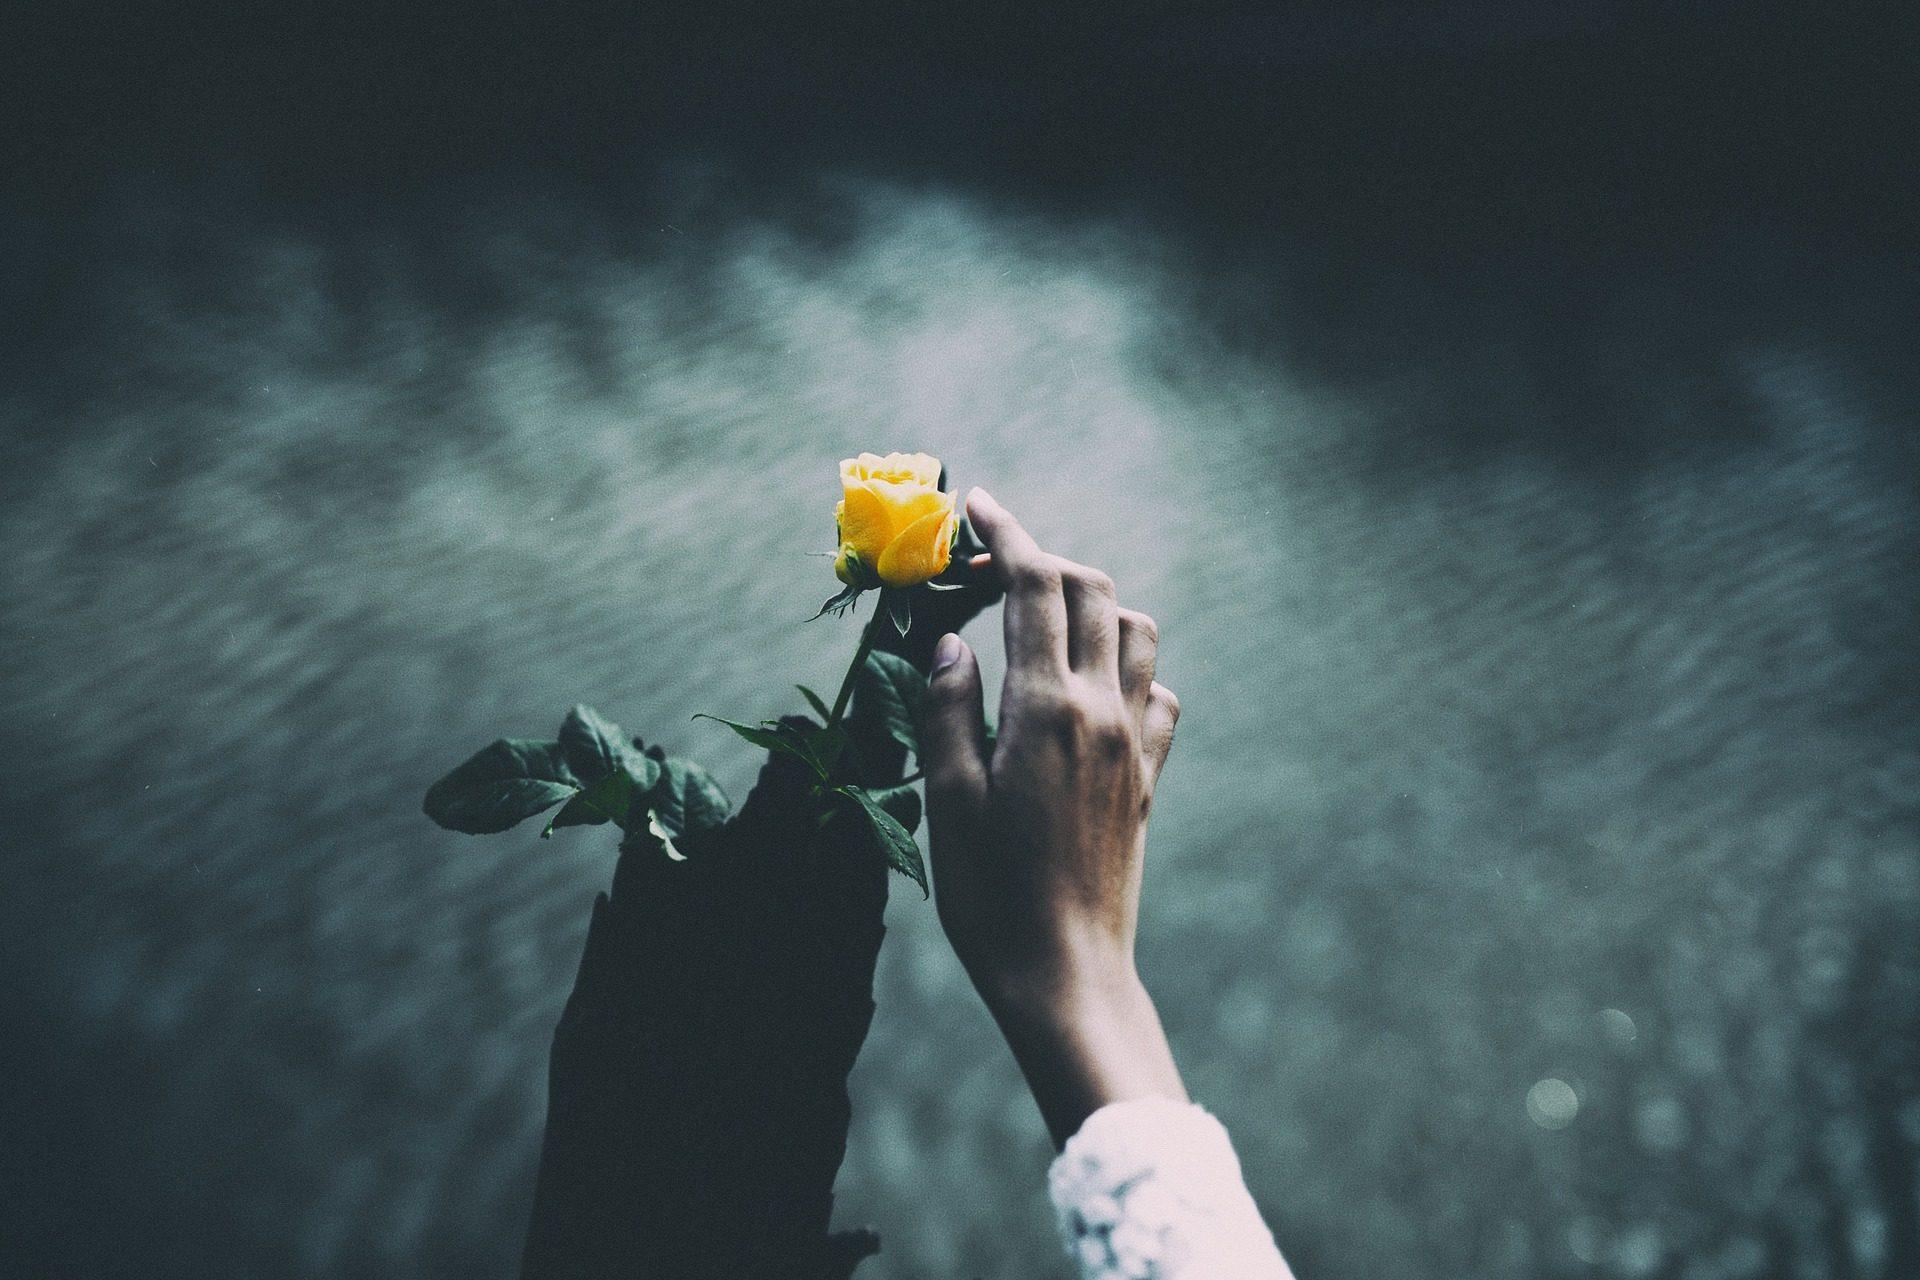 花, 地面层, 花瓣, 手, 爱抚 - 高清壁纸 - 教授-falken.com